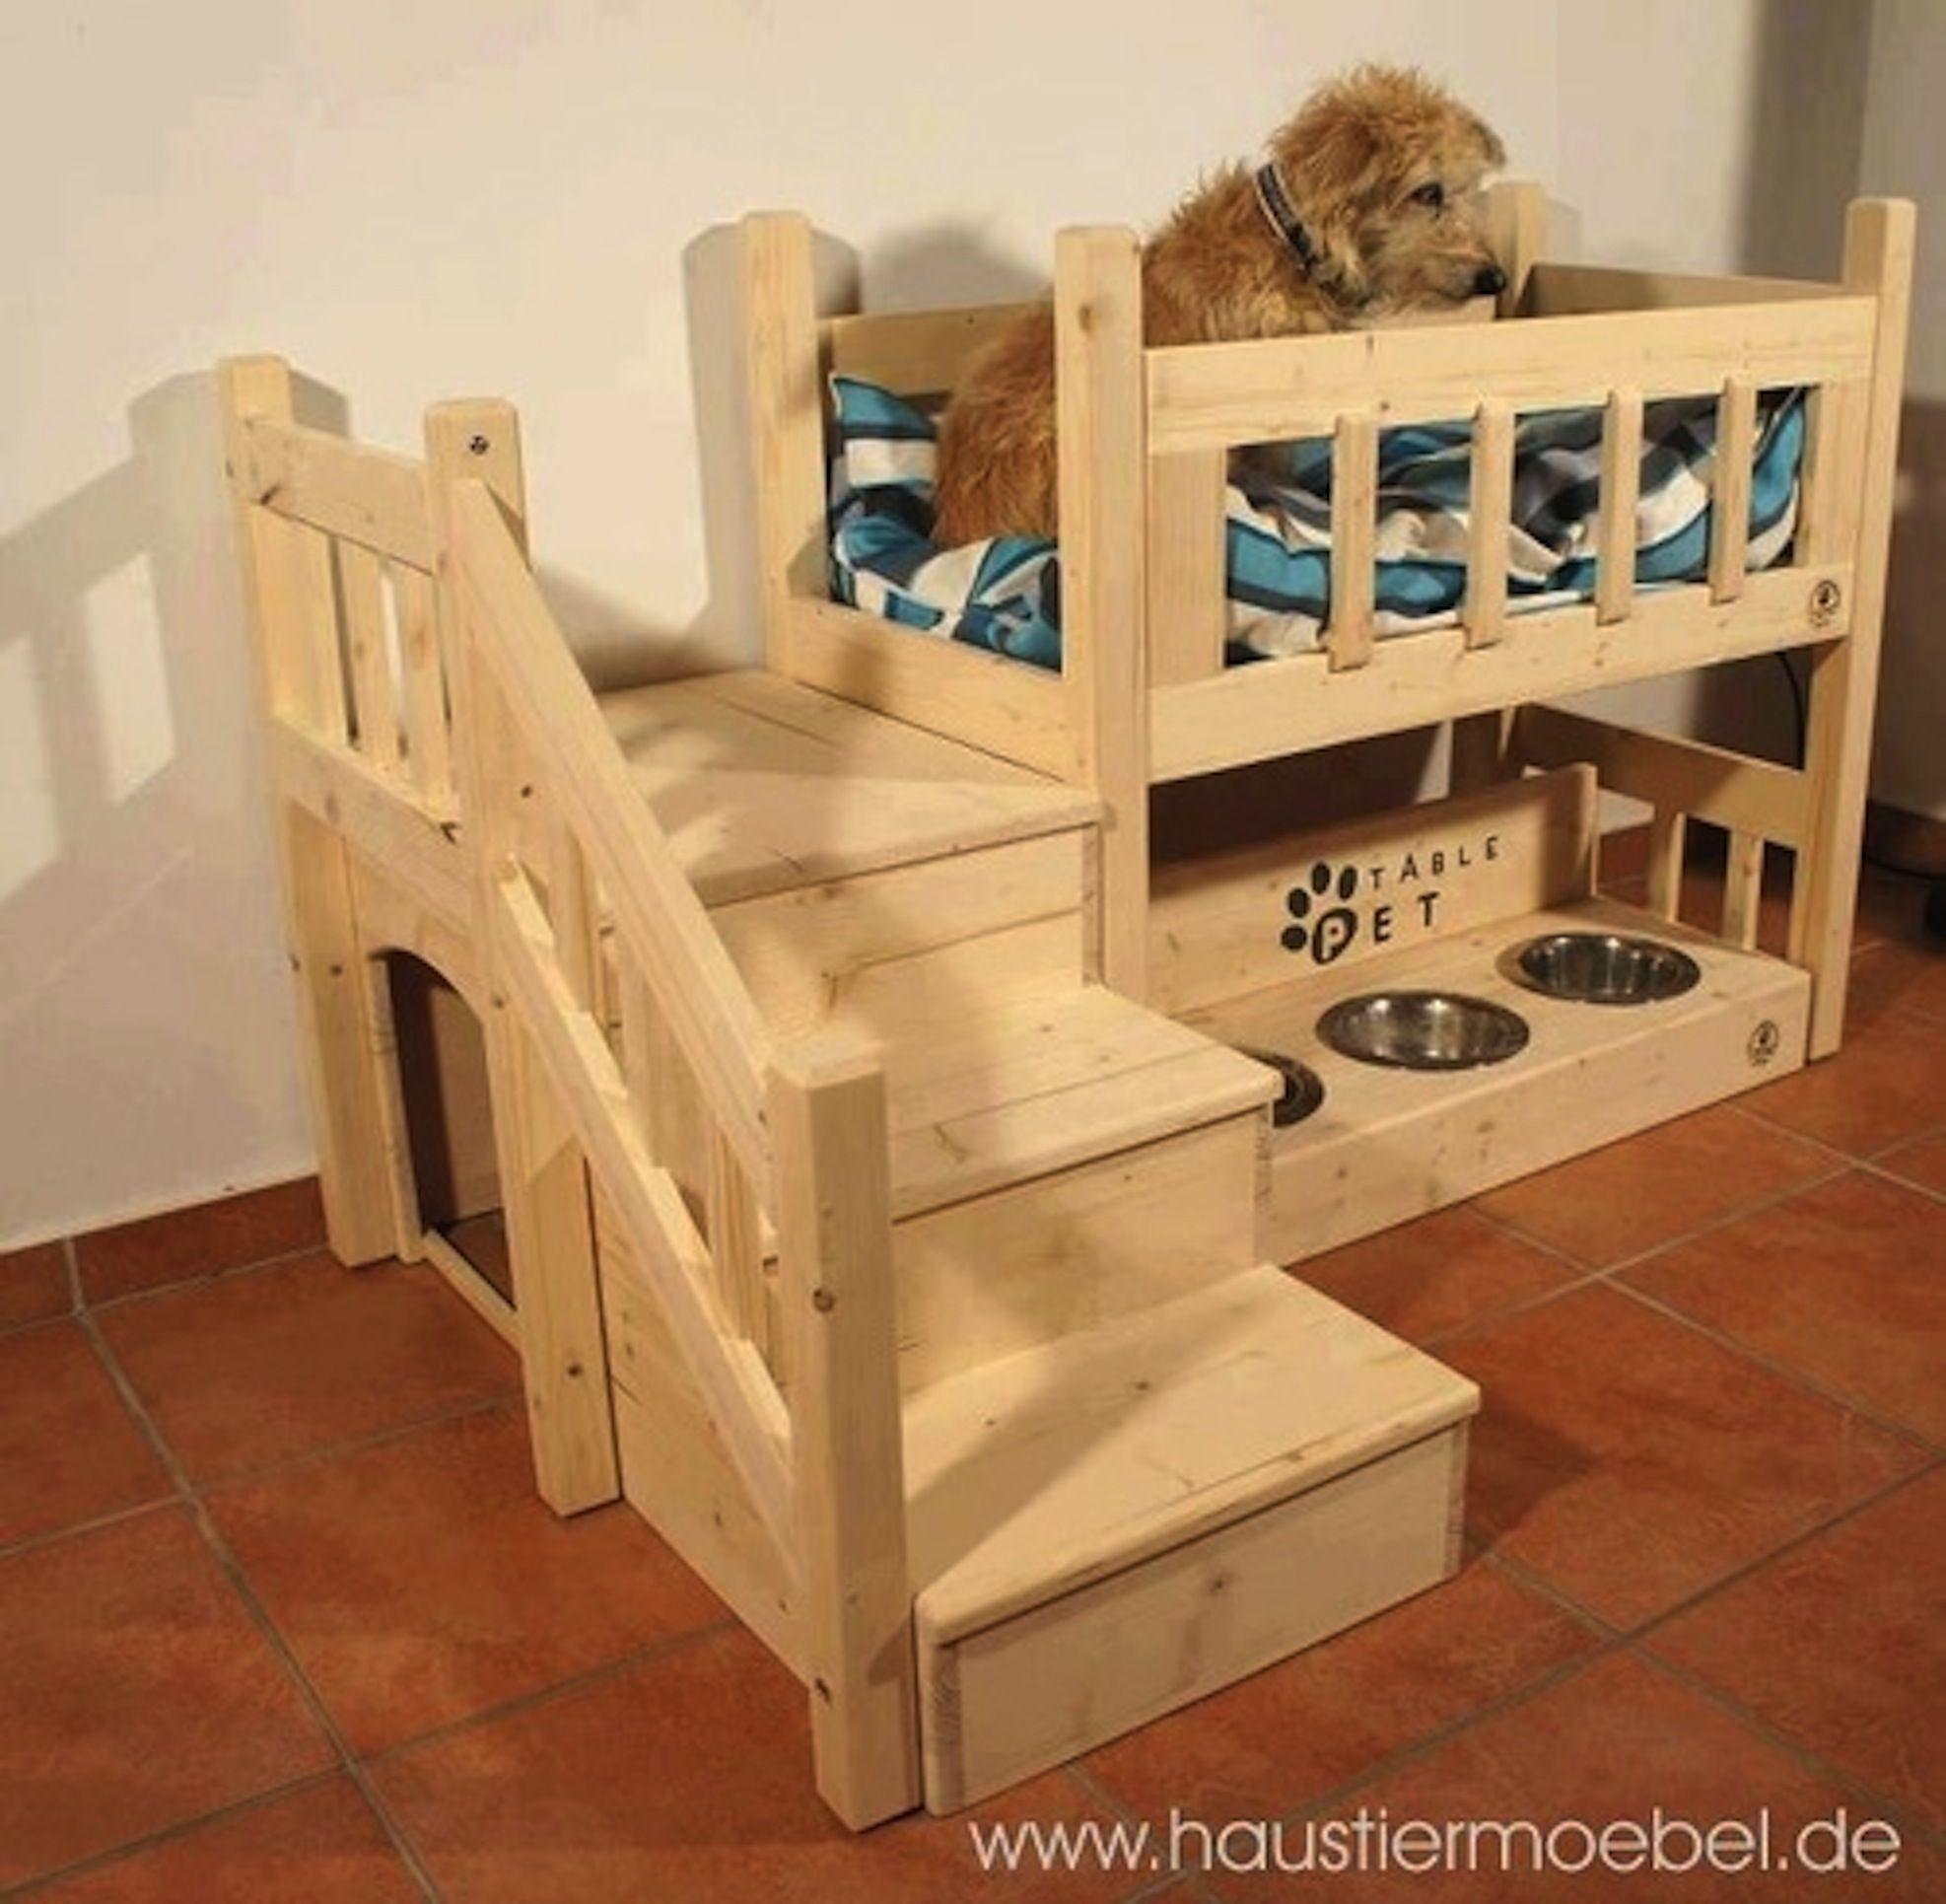 Фото про домики для собак 4